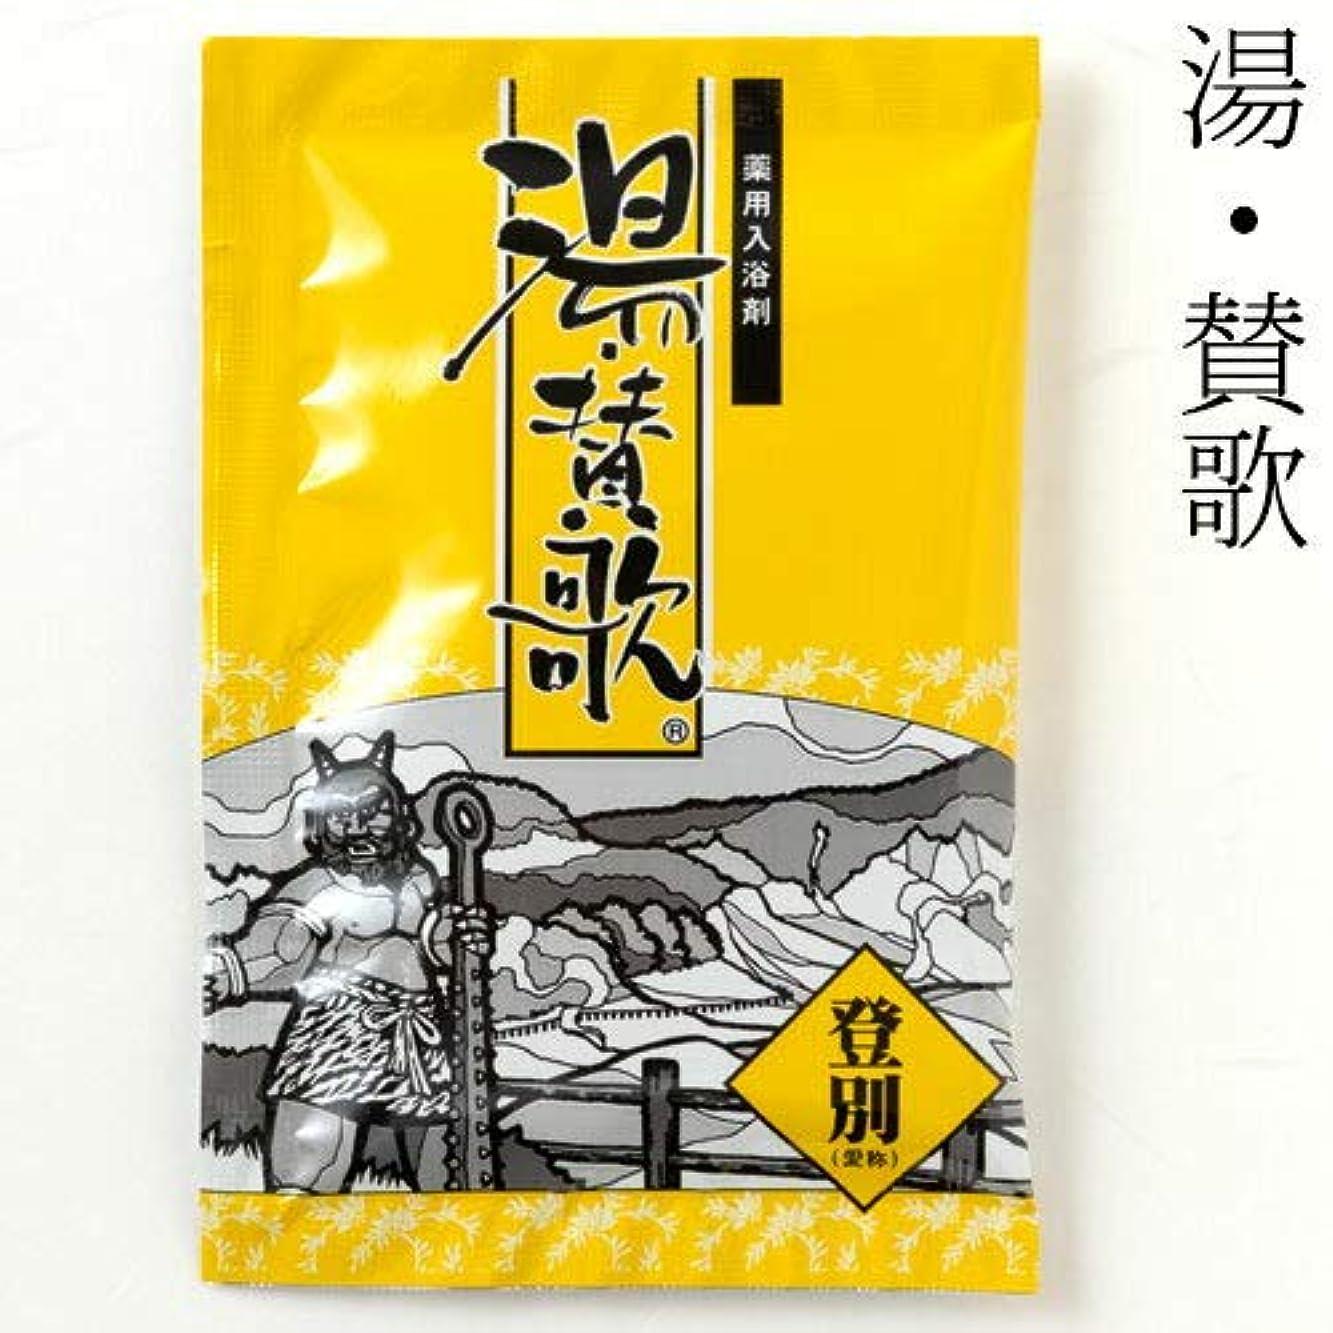 統合するカスケード肉の入浴剤湯?賛歌登別1包石川県のお風呂グッズBath additive, Ishikawa craft